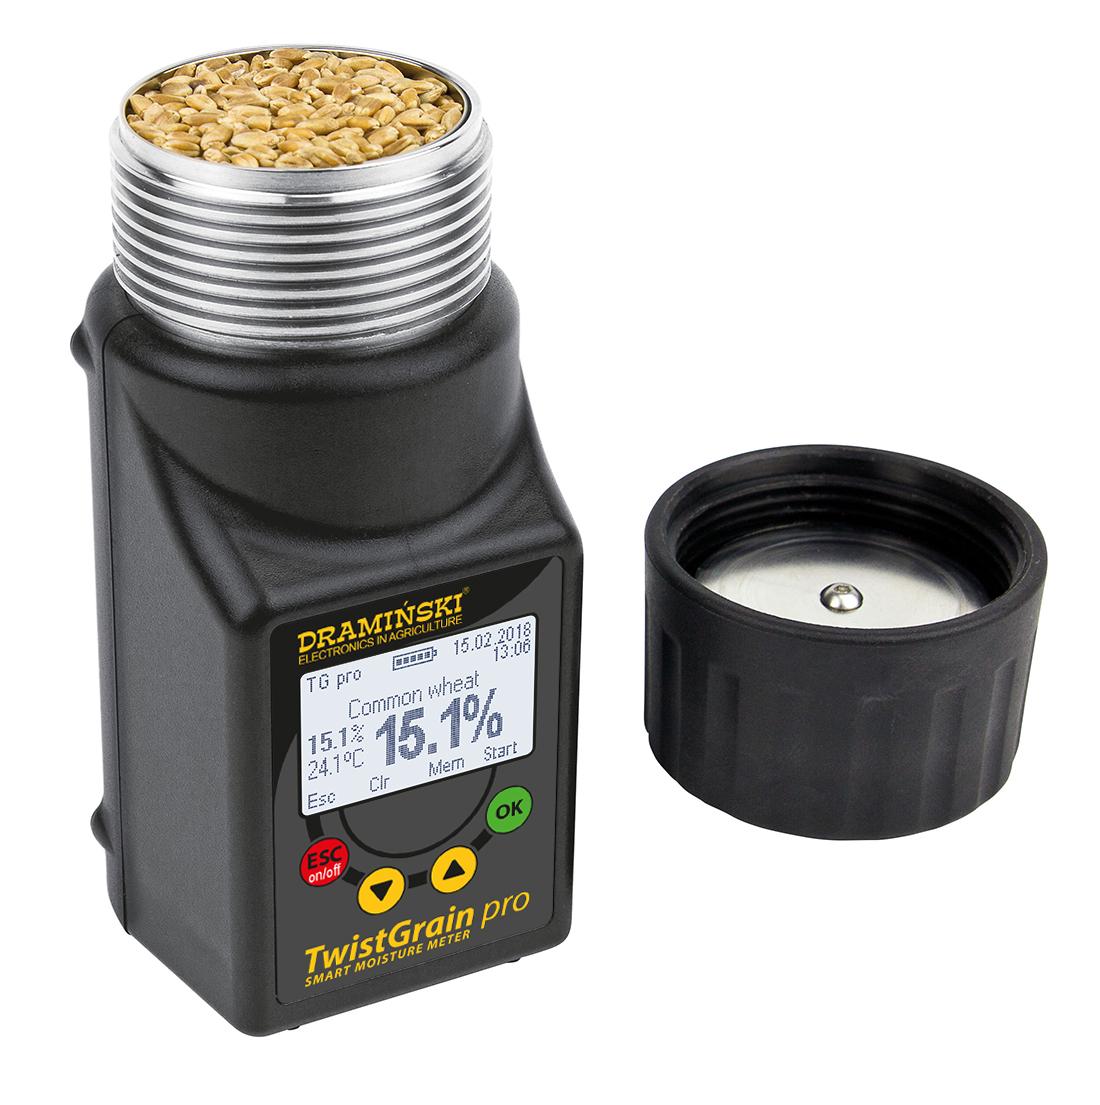 Lorenlli Humidificateur /à Grain de Bois Machine daromath/érapie humidificateur muet Chambre Parfum Lampe Plug-in m/énage